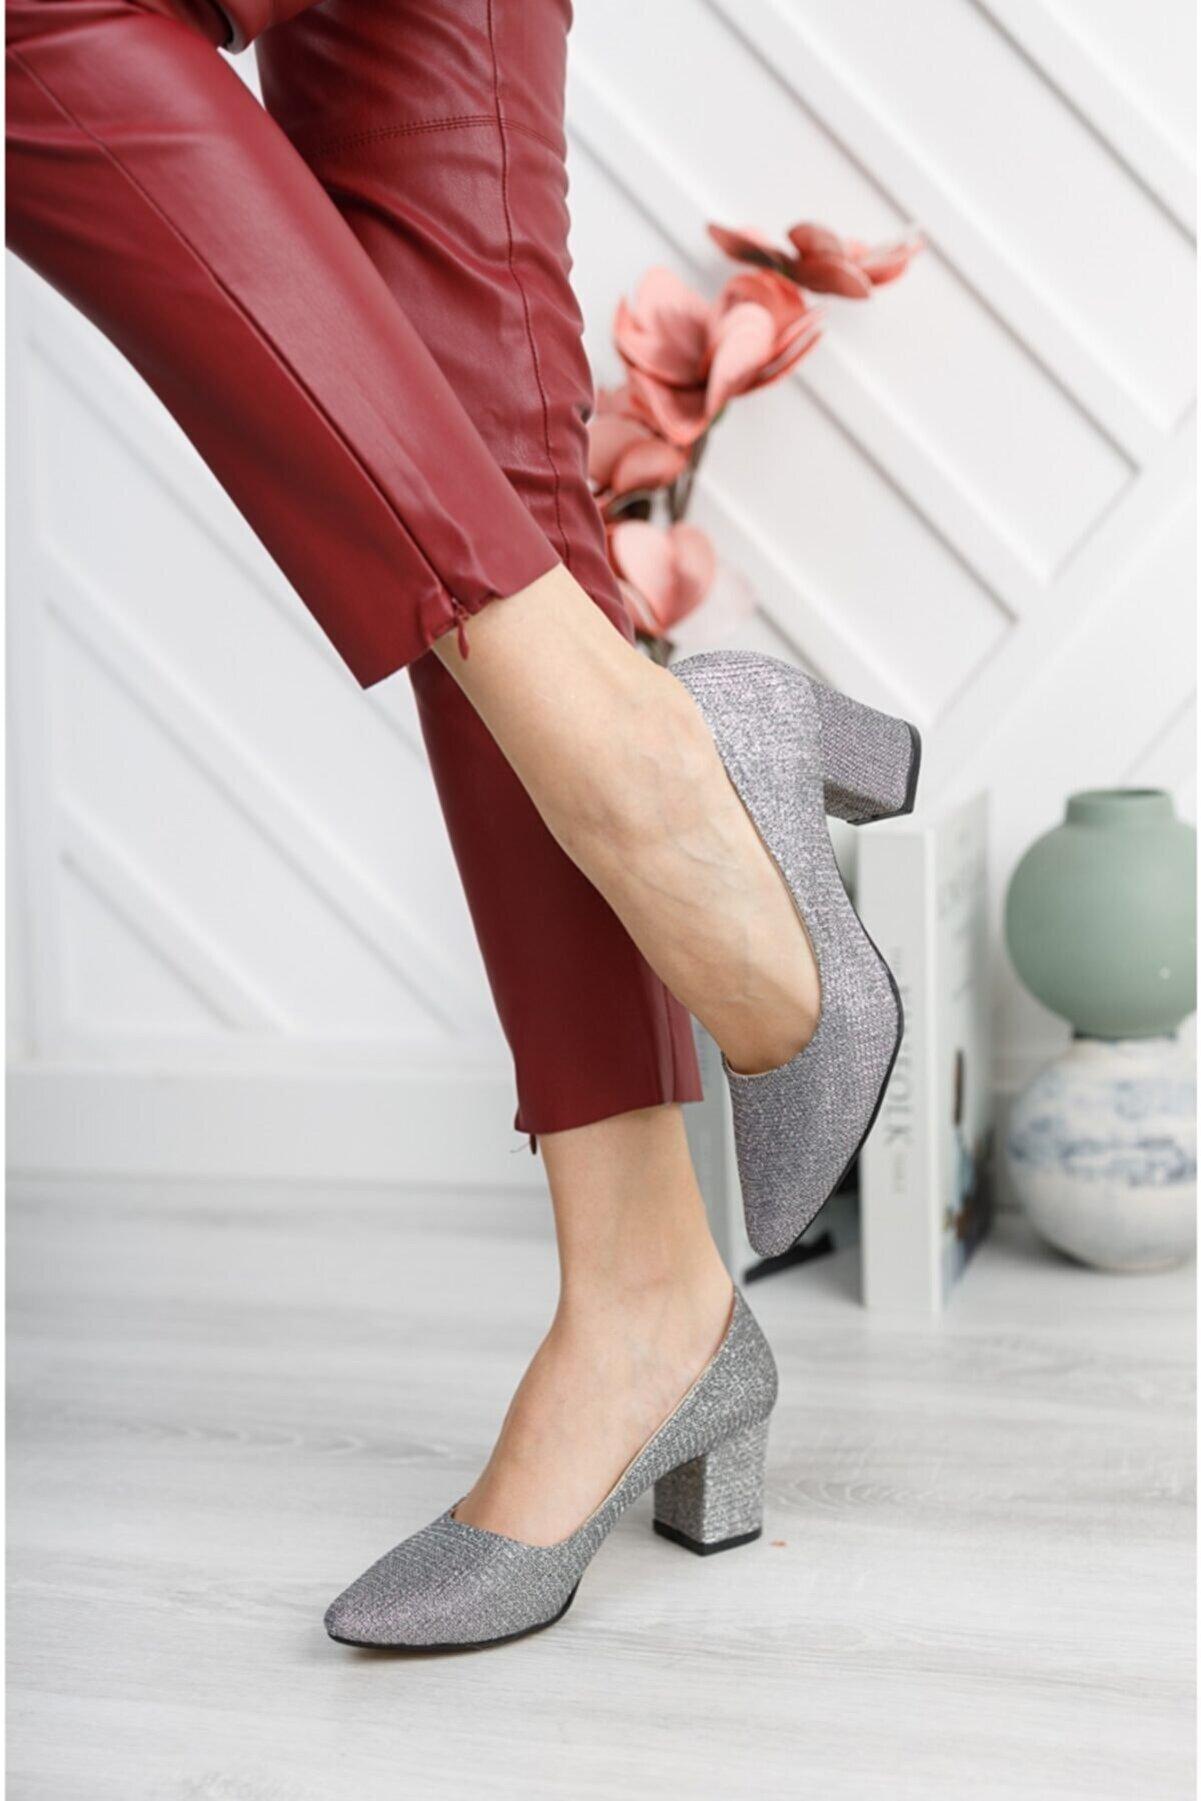 Nirvana ayakkabı Kadın Platin Çupra Kısa Kalın Topuklu Ayakkabı